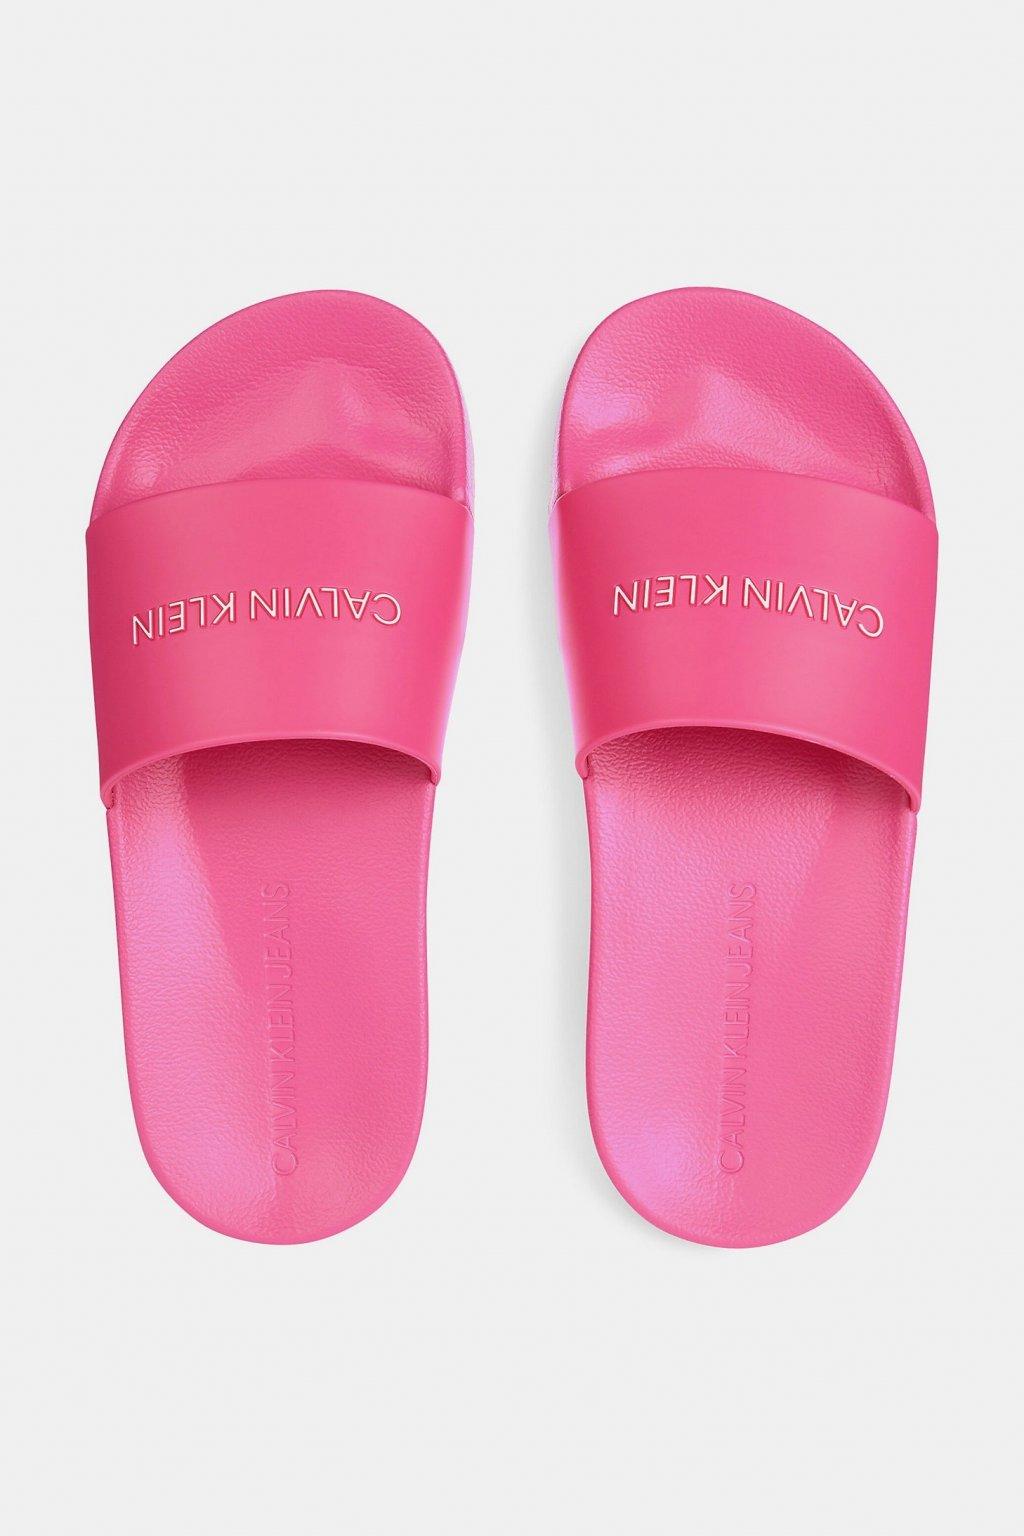 Calvin Klein Jeans pantofle dámské - růžové